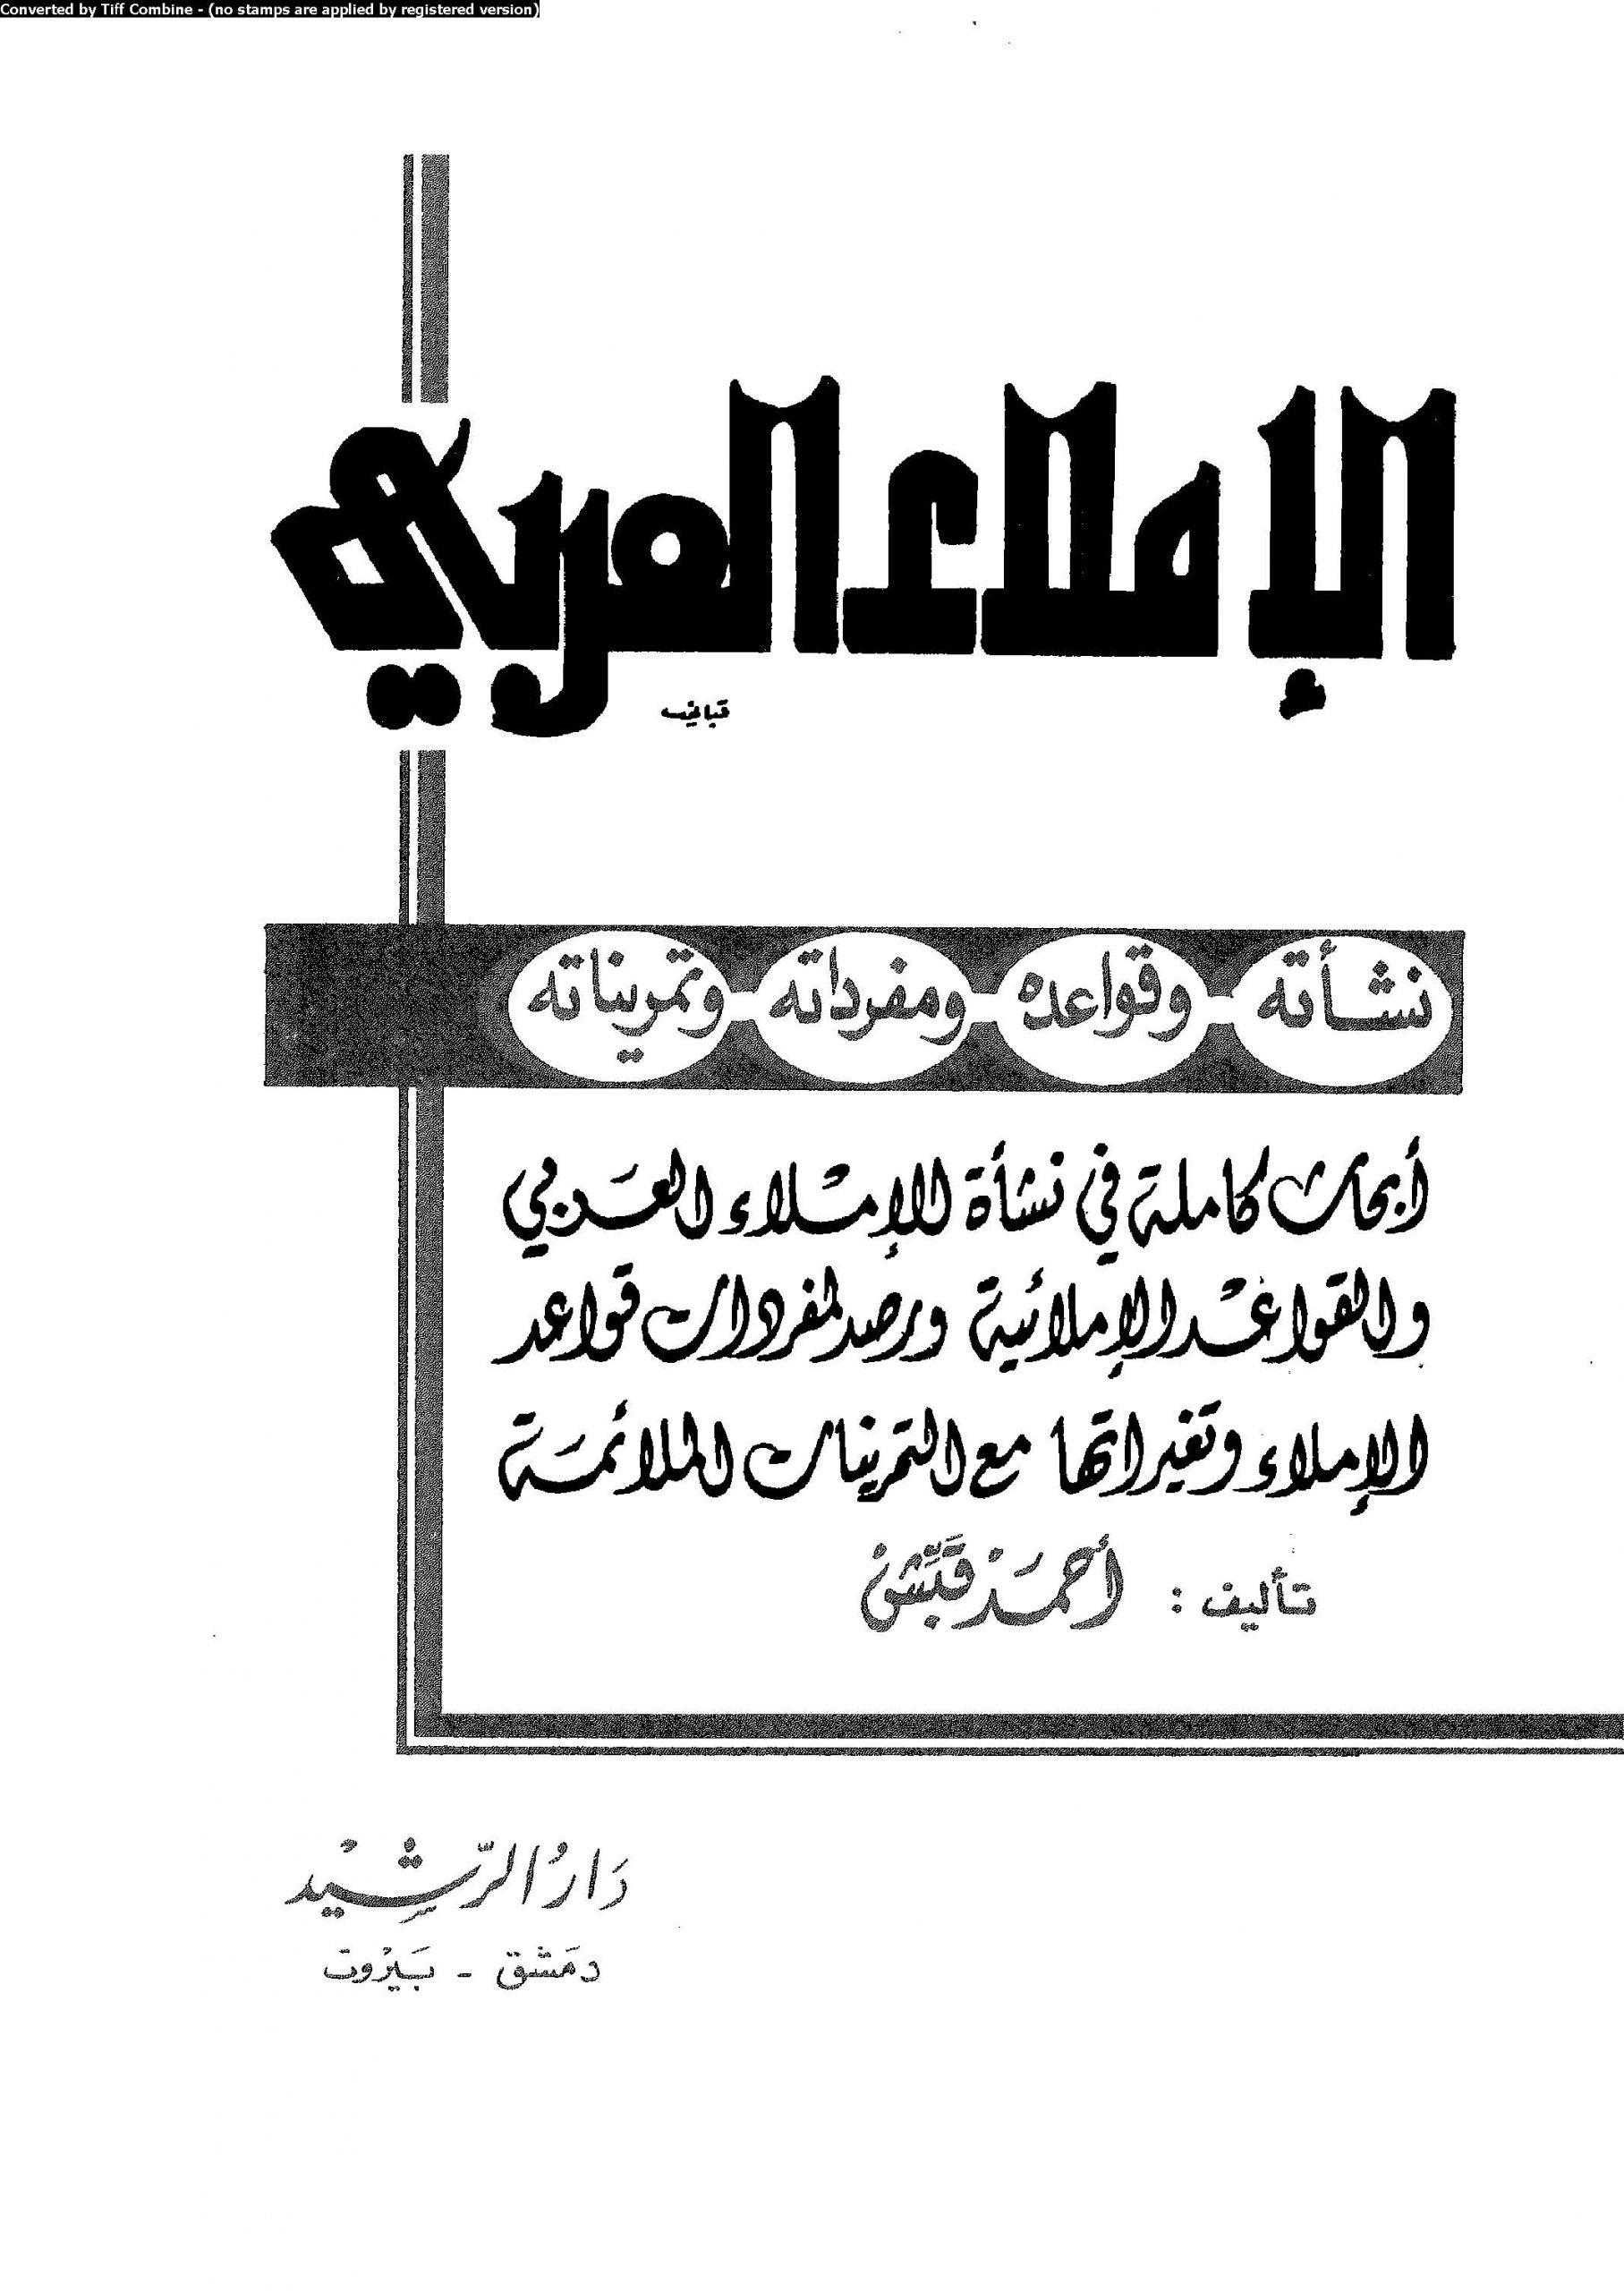 تحميل كتاب الإملاء العربي نشأته وقواعده ومفرداته وتمريناته pdf أحمد قبش